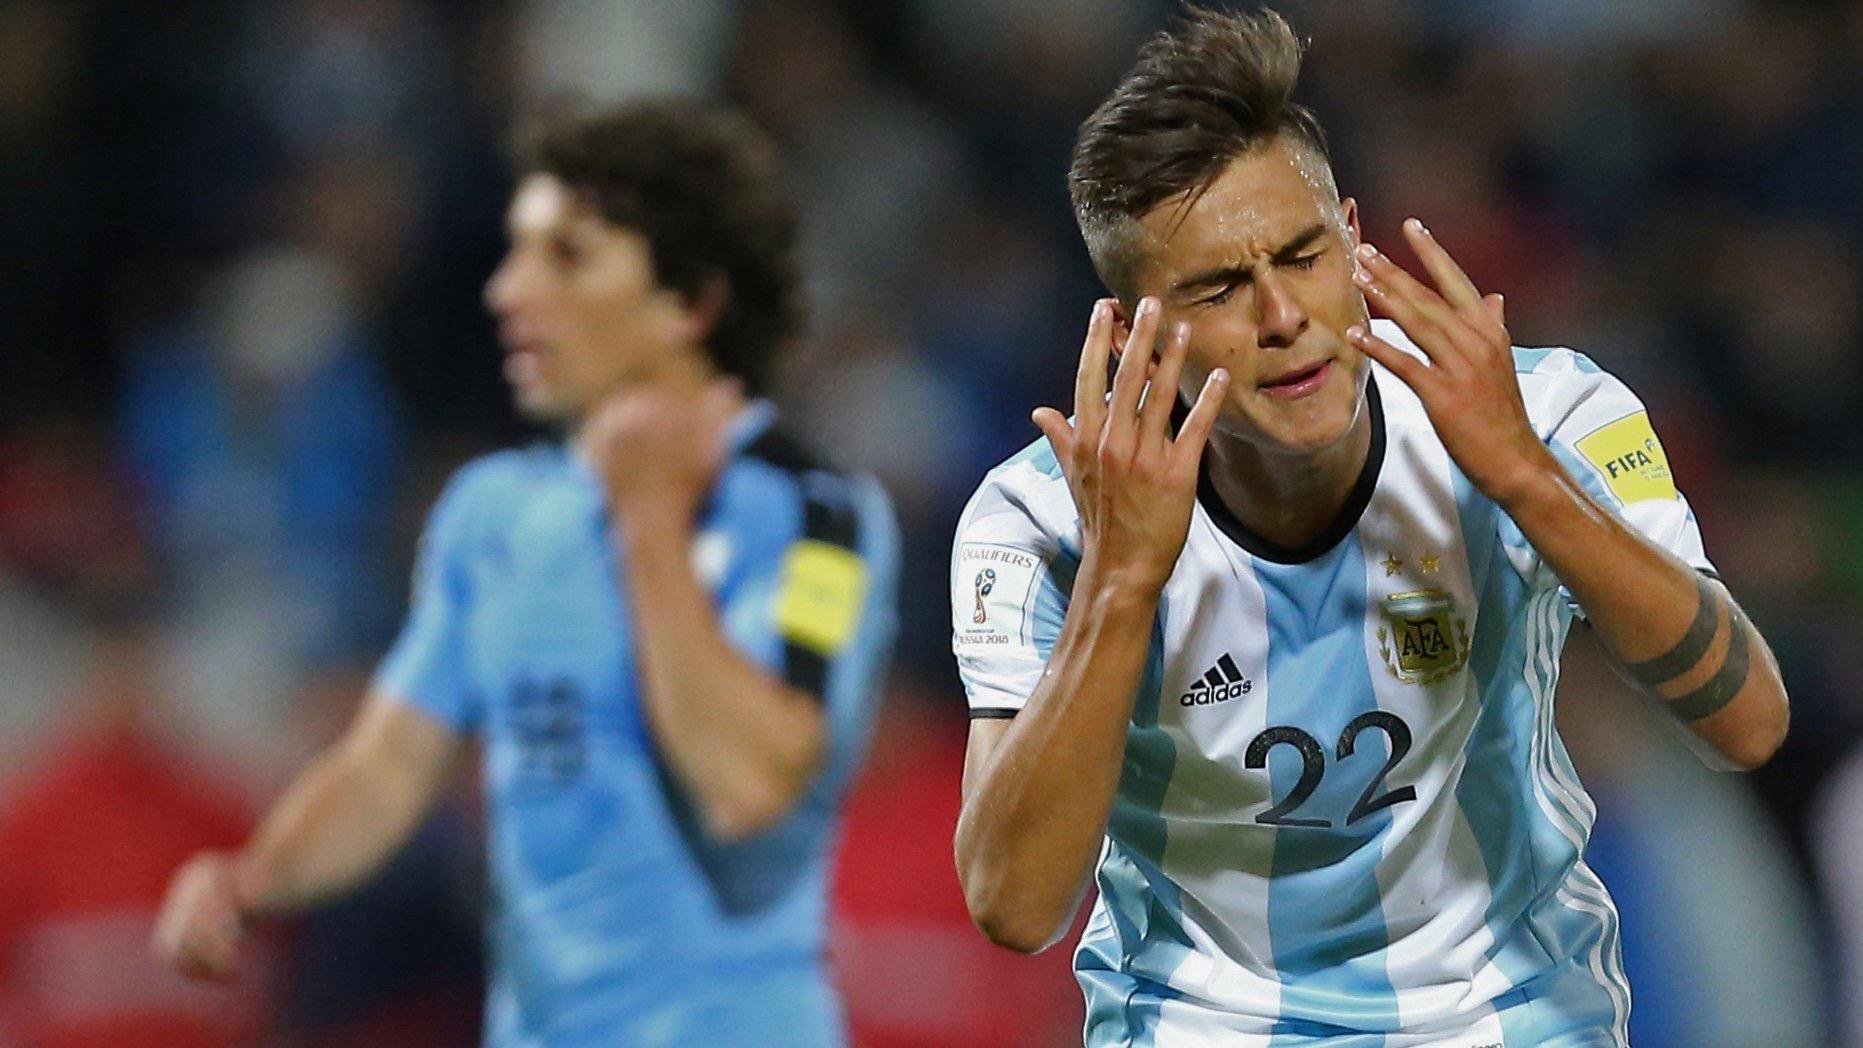 DYBALA. El remate del pibe argentino de la Juve ya dio en el palo izquierdo de Muslera. Hizo un muy buen primer tiempo y se mostró como el más claro socio de Messi. Su disparatada expulsión nos privó de verlo mas tiempo.